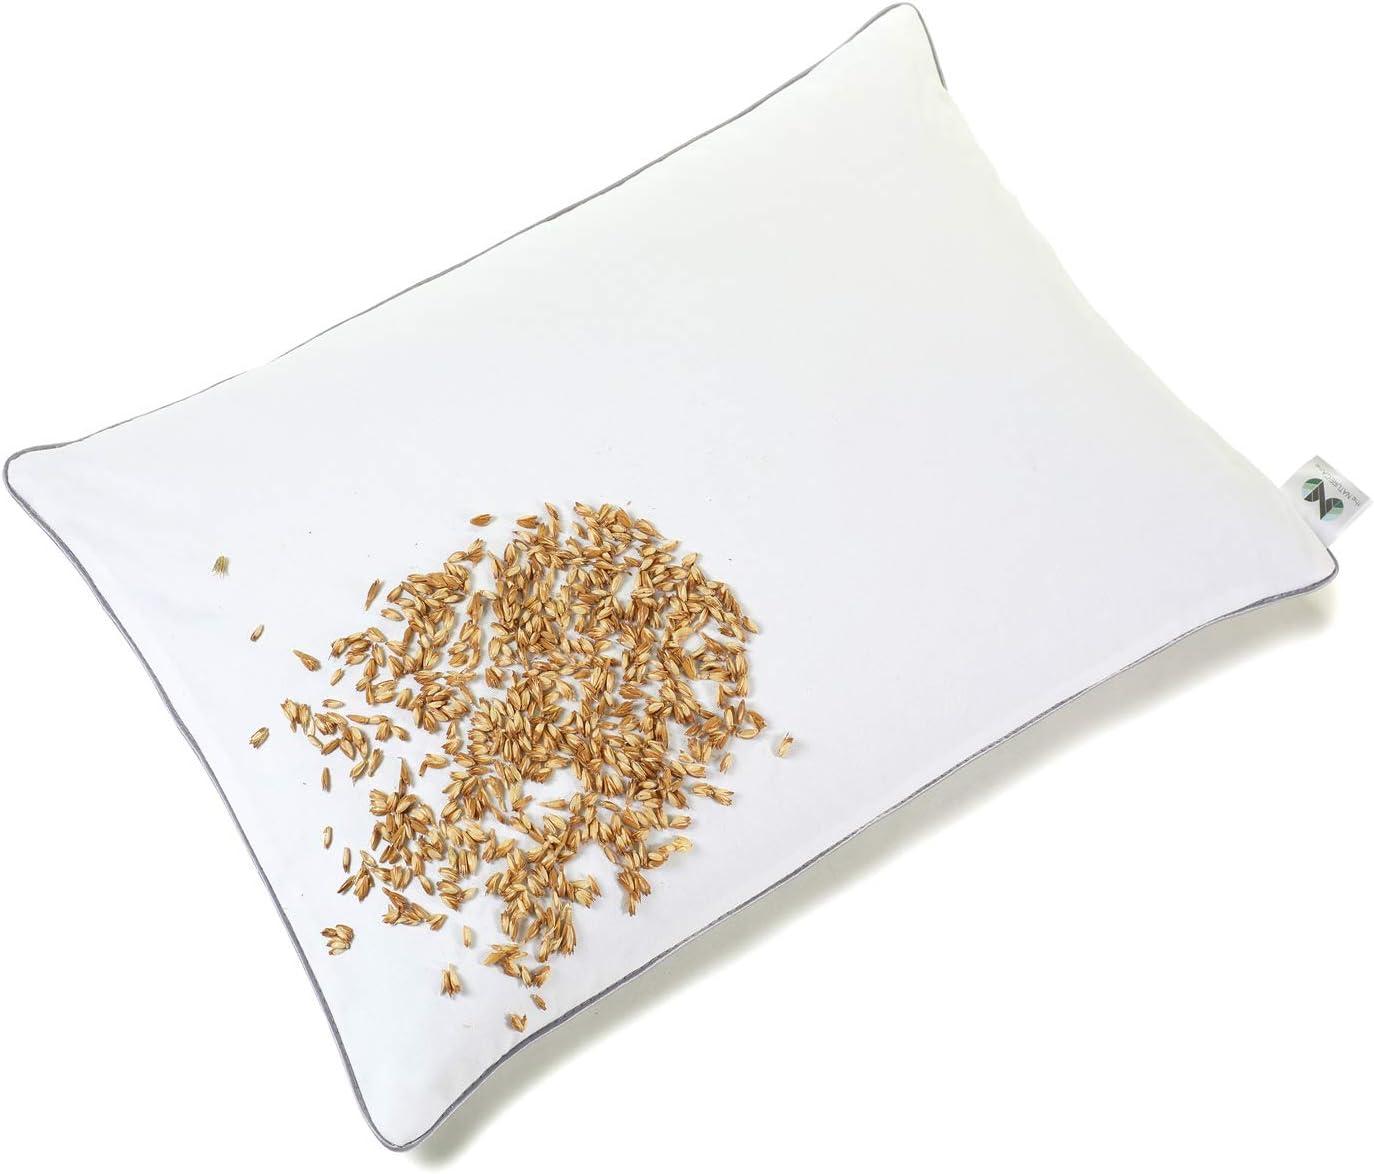 NATURECA Almohada de espelta de 30 x 40 cm, cáscara de espelta orgánica, con funda de algodón, ortopédica, para niños y adultos